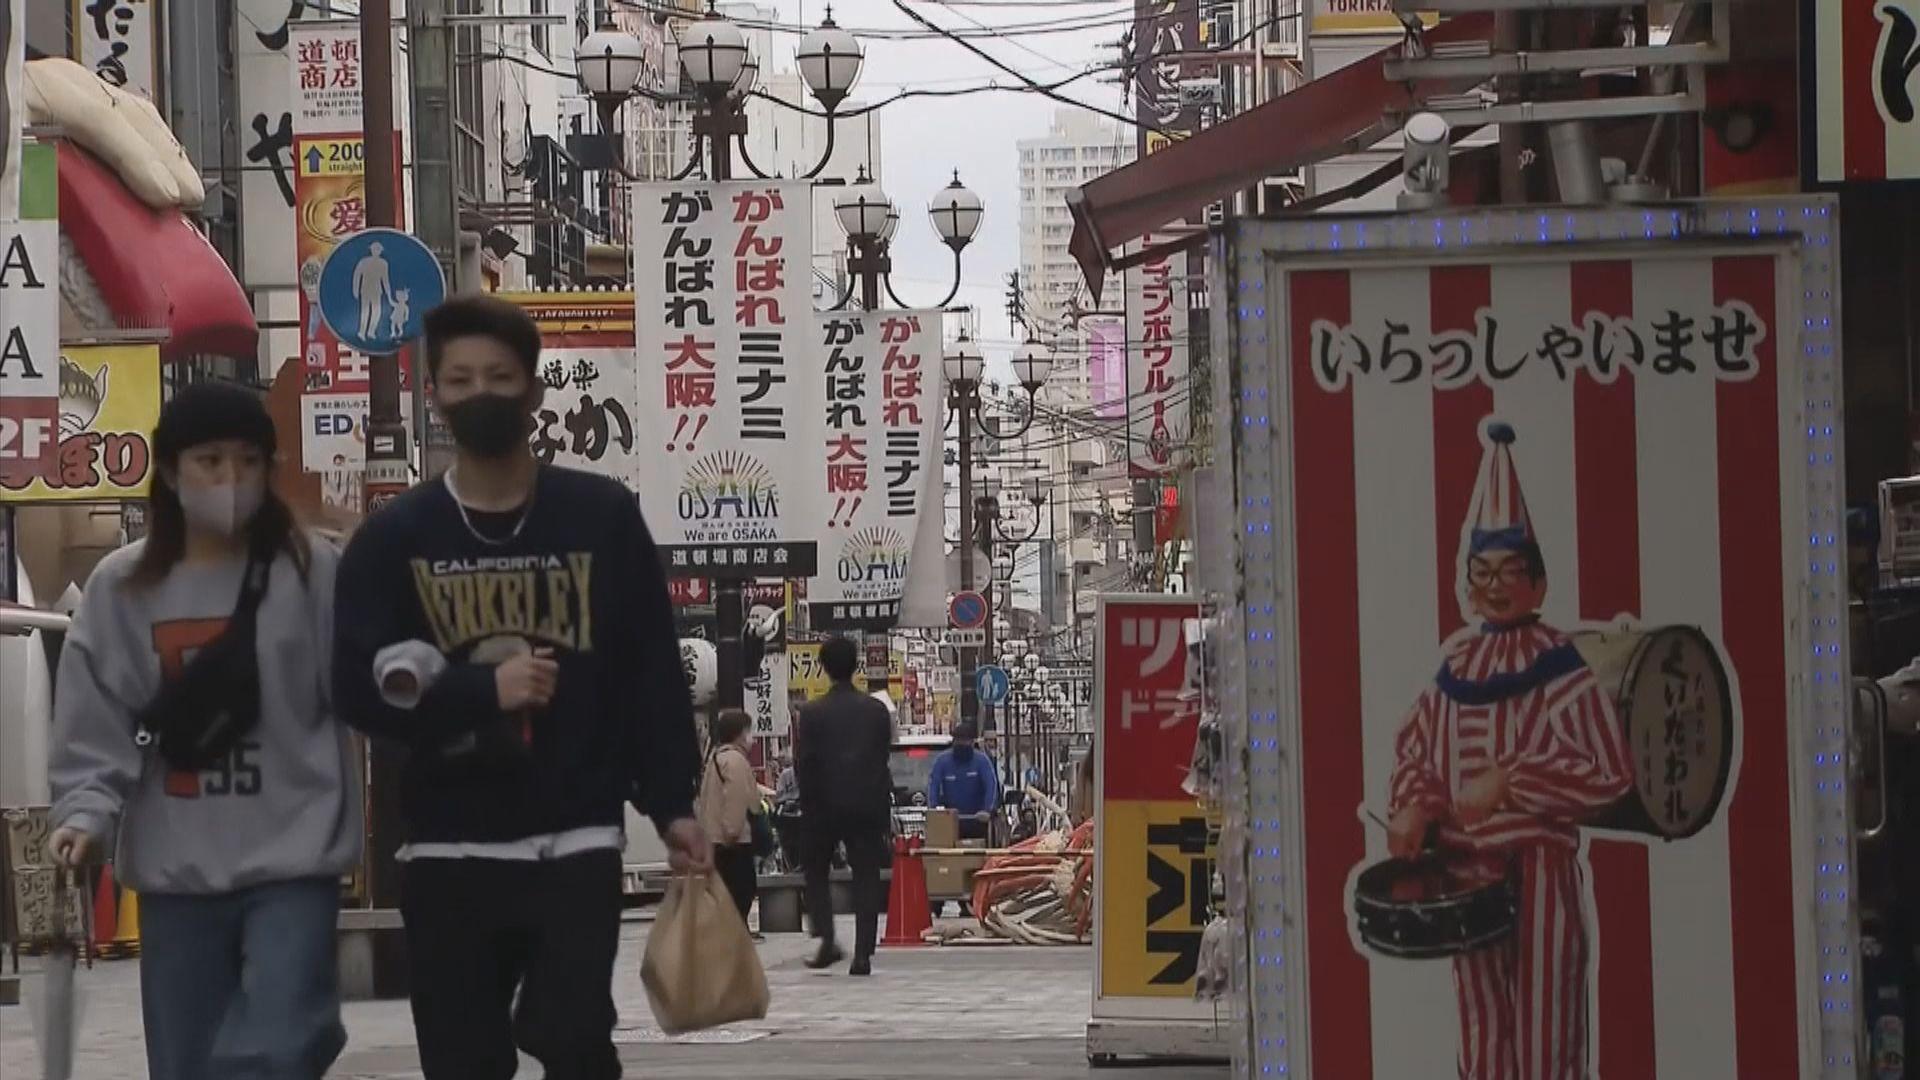 東京都等地緊急狀態延長至月底 並擴至福岡及愛知縣